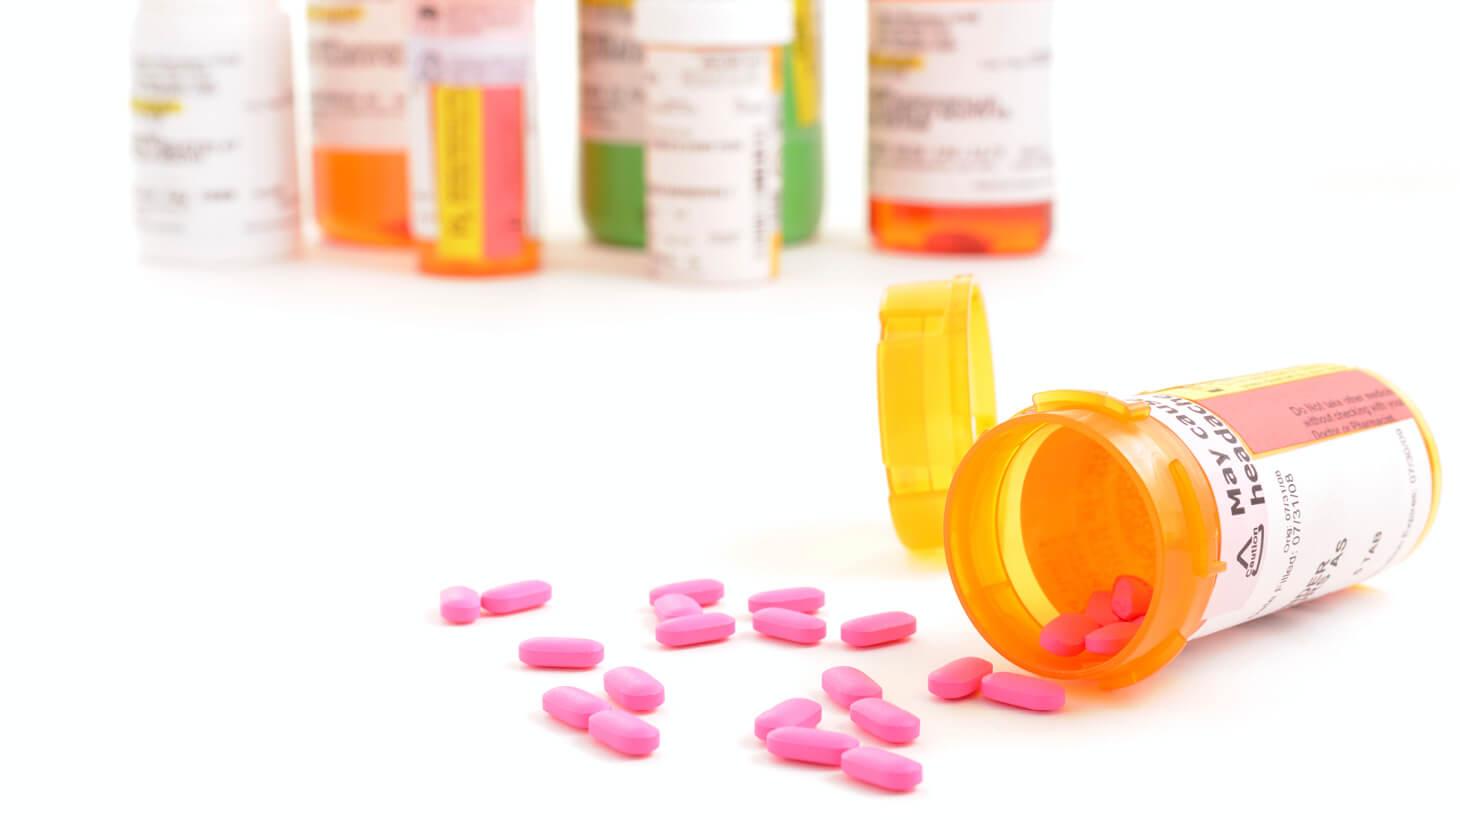 Prescription pill bottles and pink pills